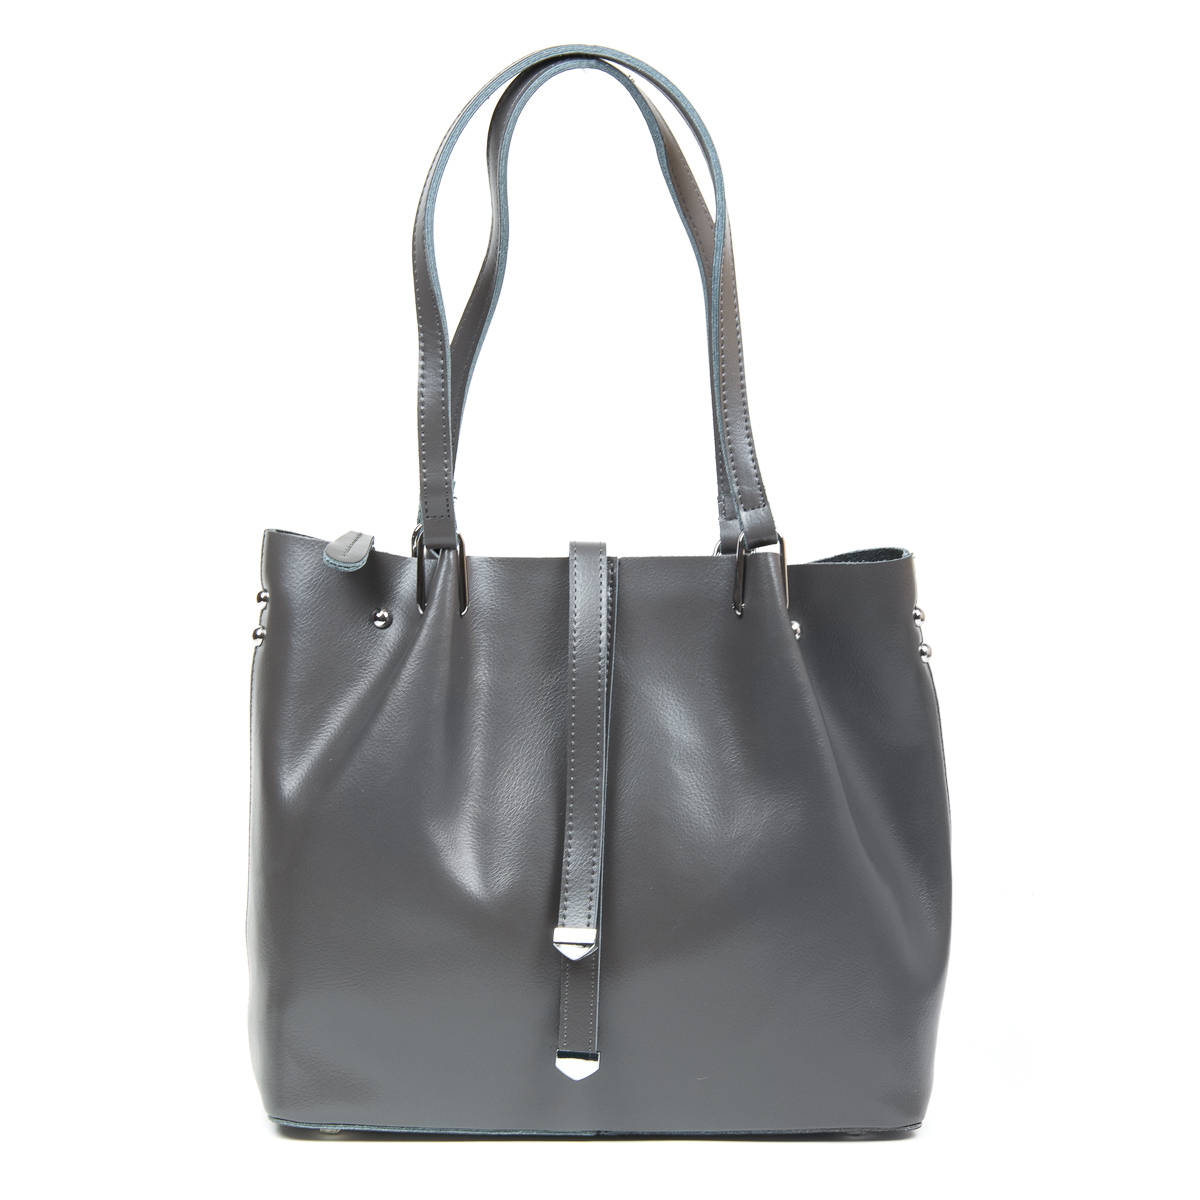 Сумка Женская Классическая кожа ALEX RAI 9-01 317 grey